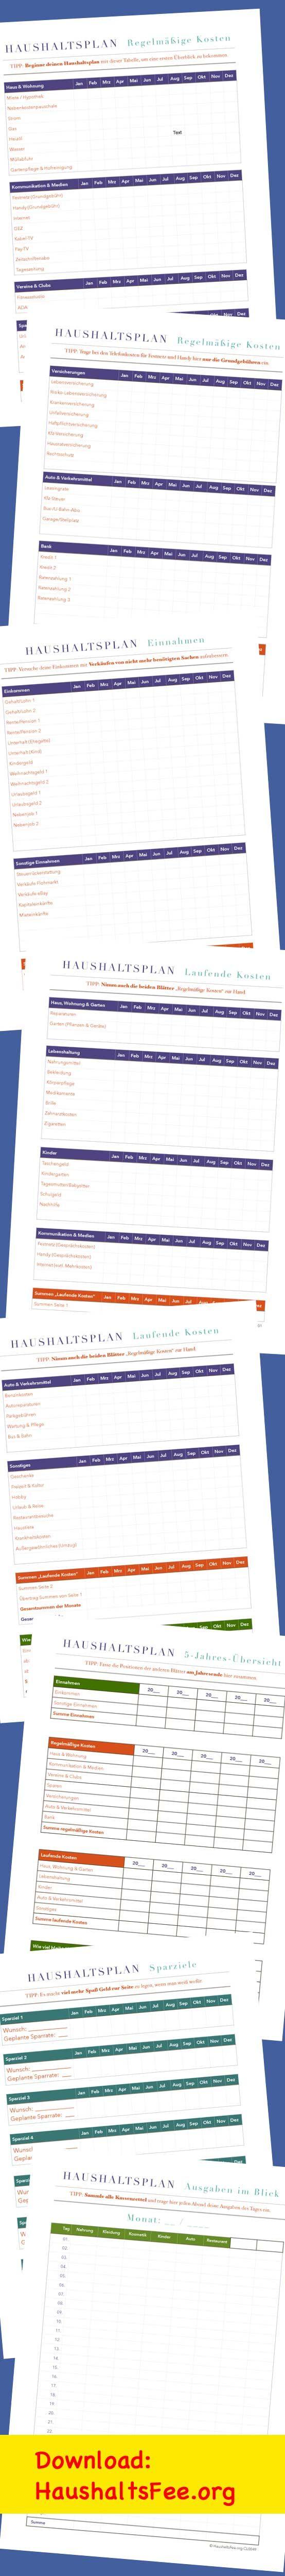 Mit diesen sechs verschiedenen Listen macht Haushaltsplanung Spaß. http://haushaltsfee.org/2014/04/08/einnahmen-und-ausgaben-einfach-im-blick-behalten/